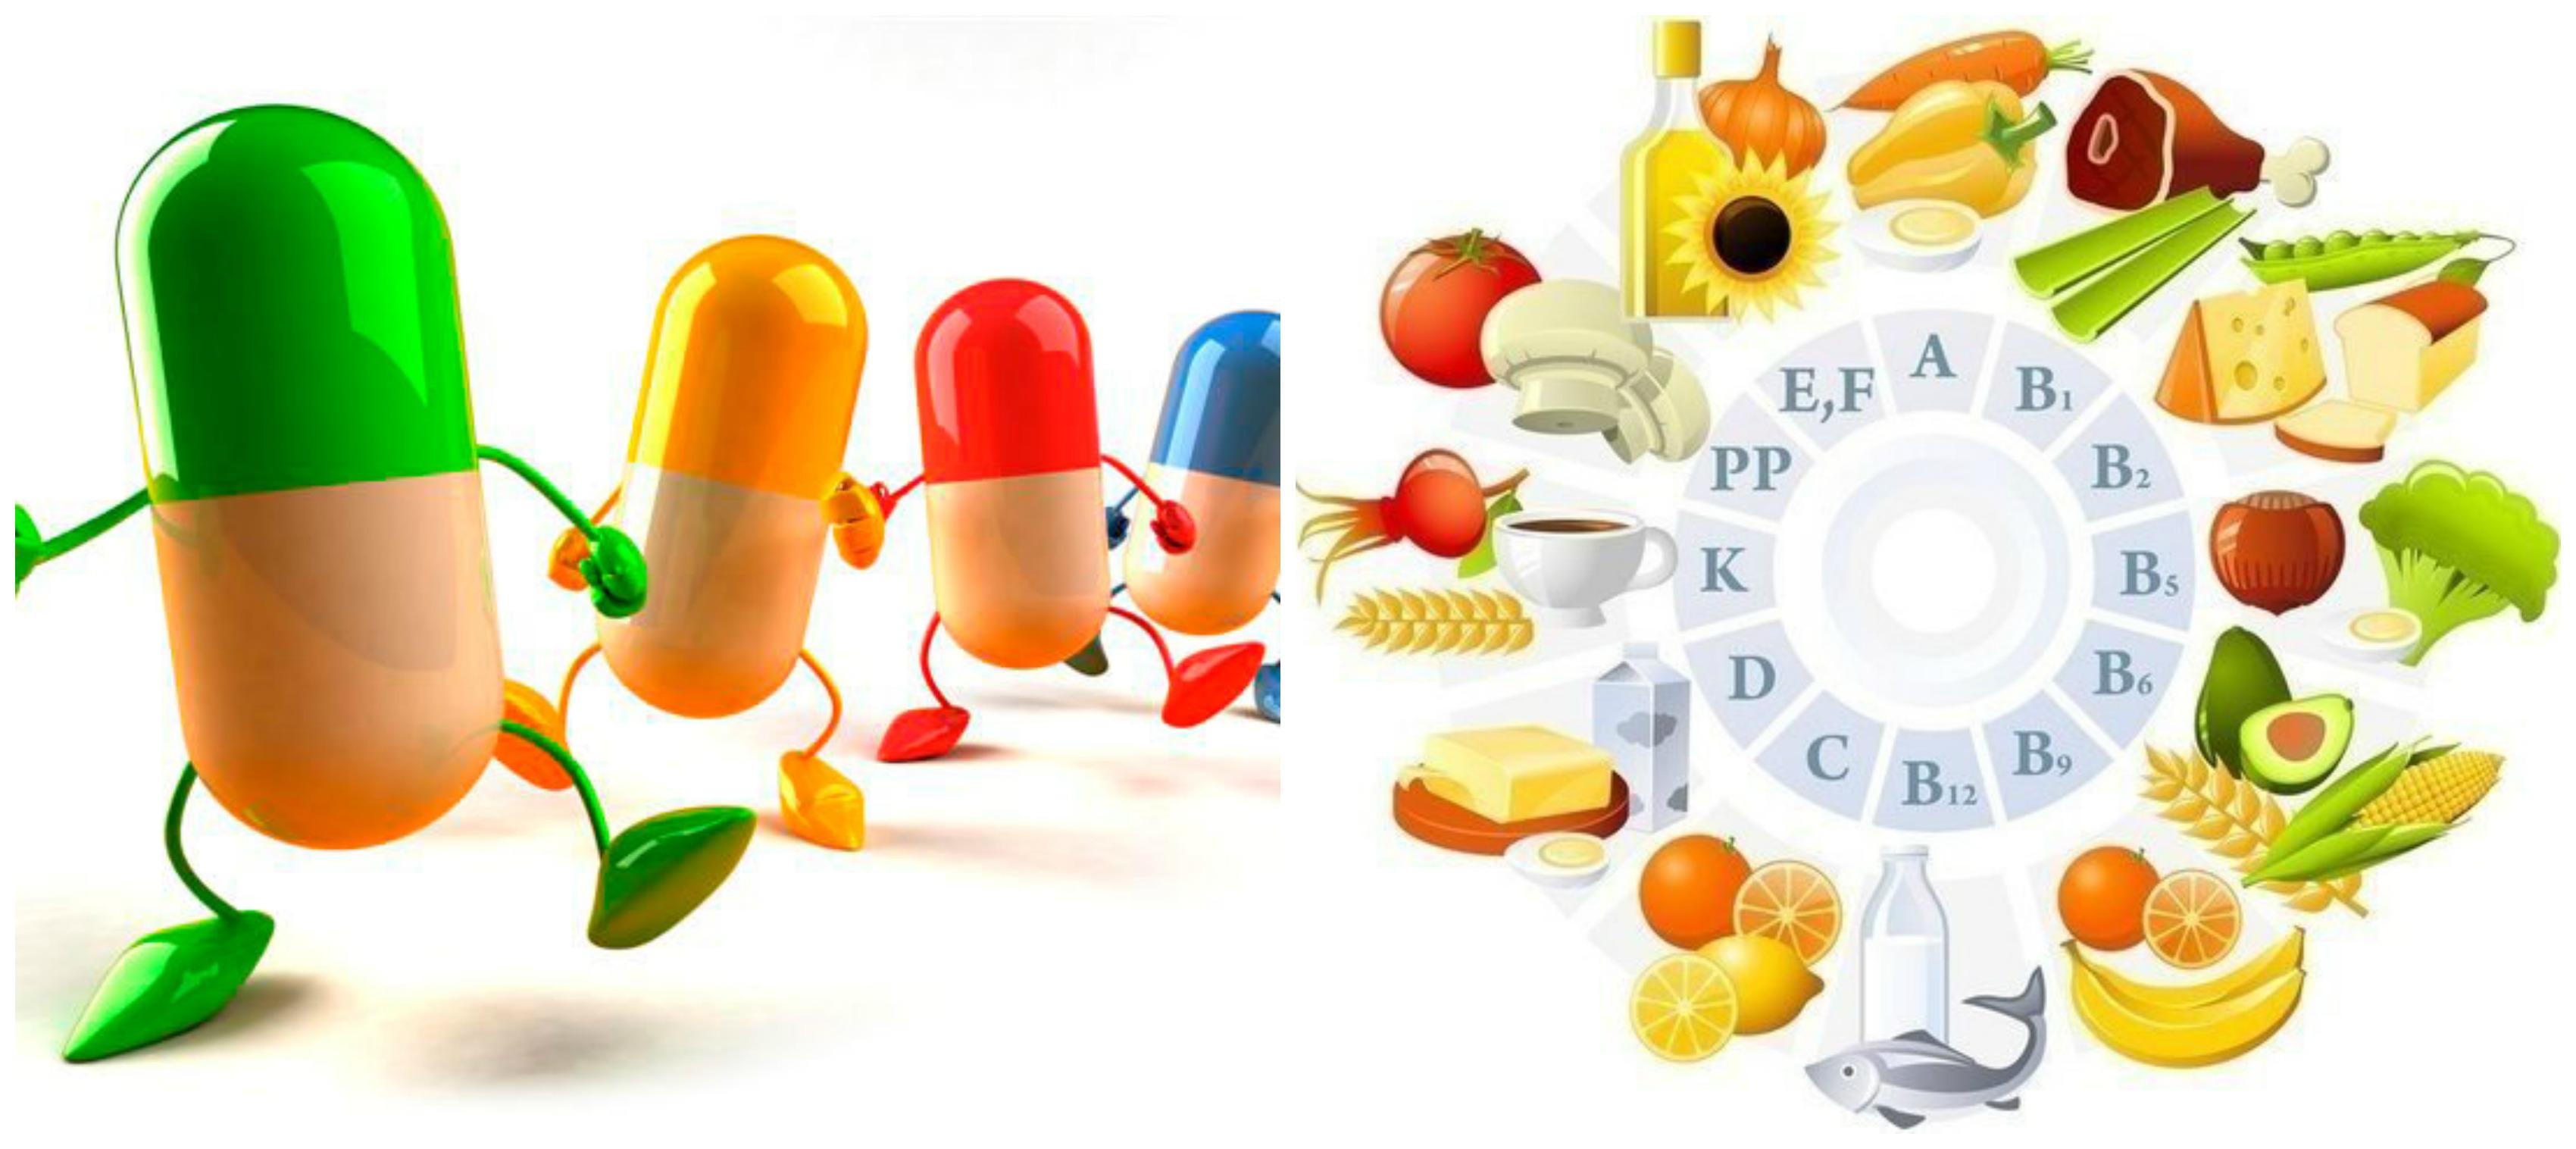 Վիտամինների պակաս ձմռանը. ինչպես բացահայտել խնդրի առկայությունը